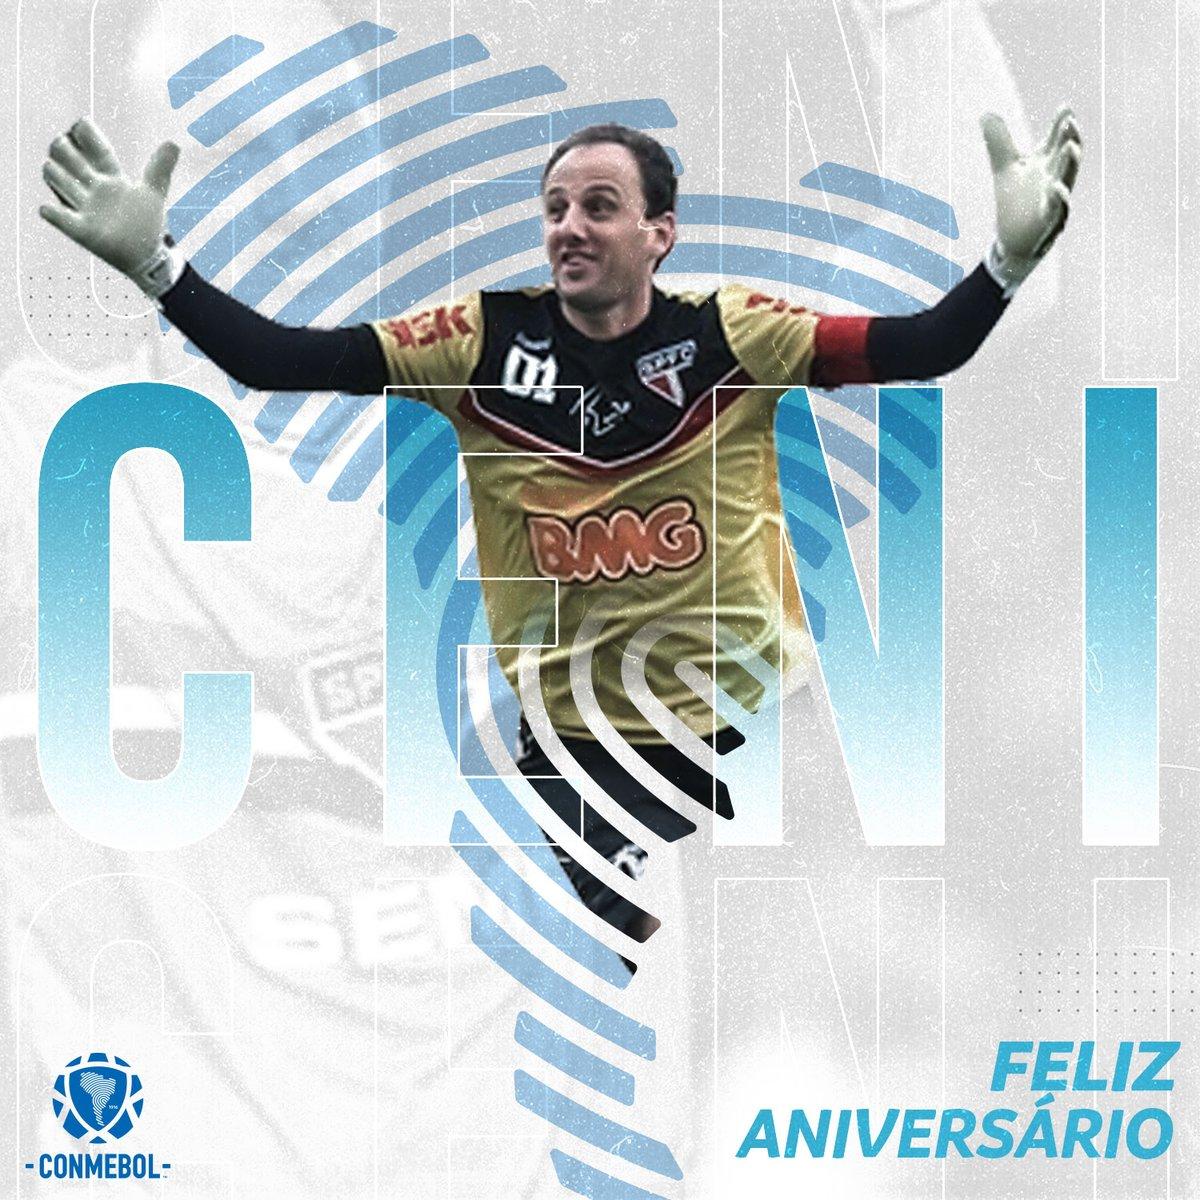 ¡Feliz cumpleaños, @rogerioceni! 🥳 Campeón de la CONMEBOL @Libertadores, de la CONMEBOL @Sudamericana y la @RecopaConmebol ⚽🙌🏼